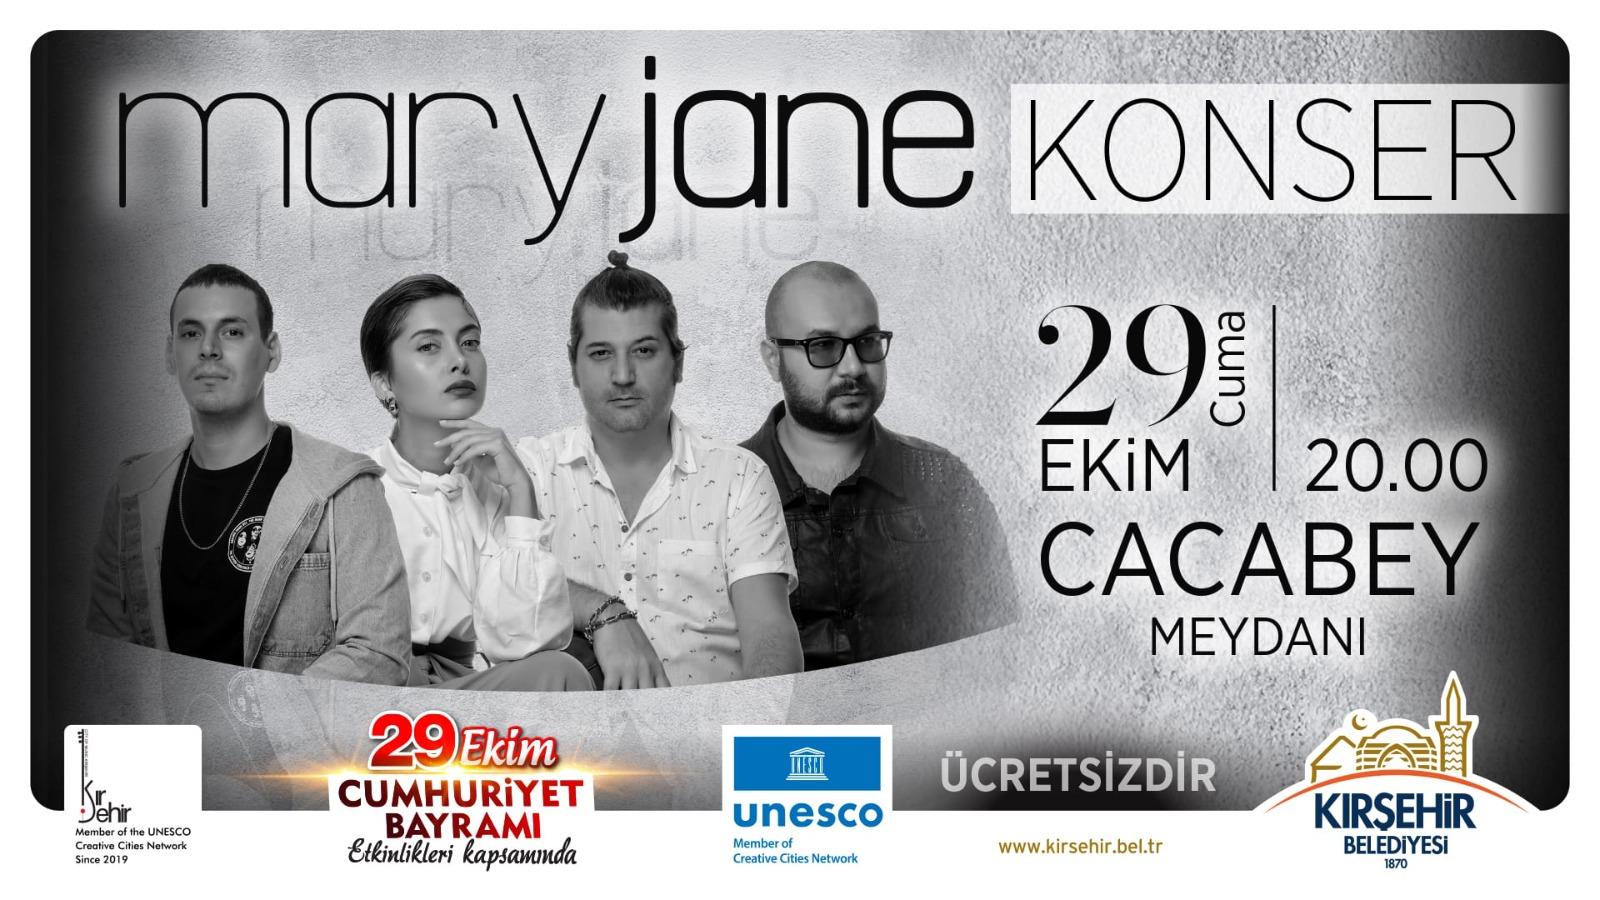 MARY JANE CUMHURİYET BAYRAMI KONSERİ